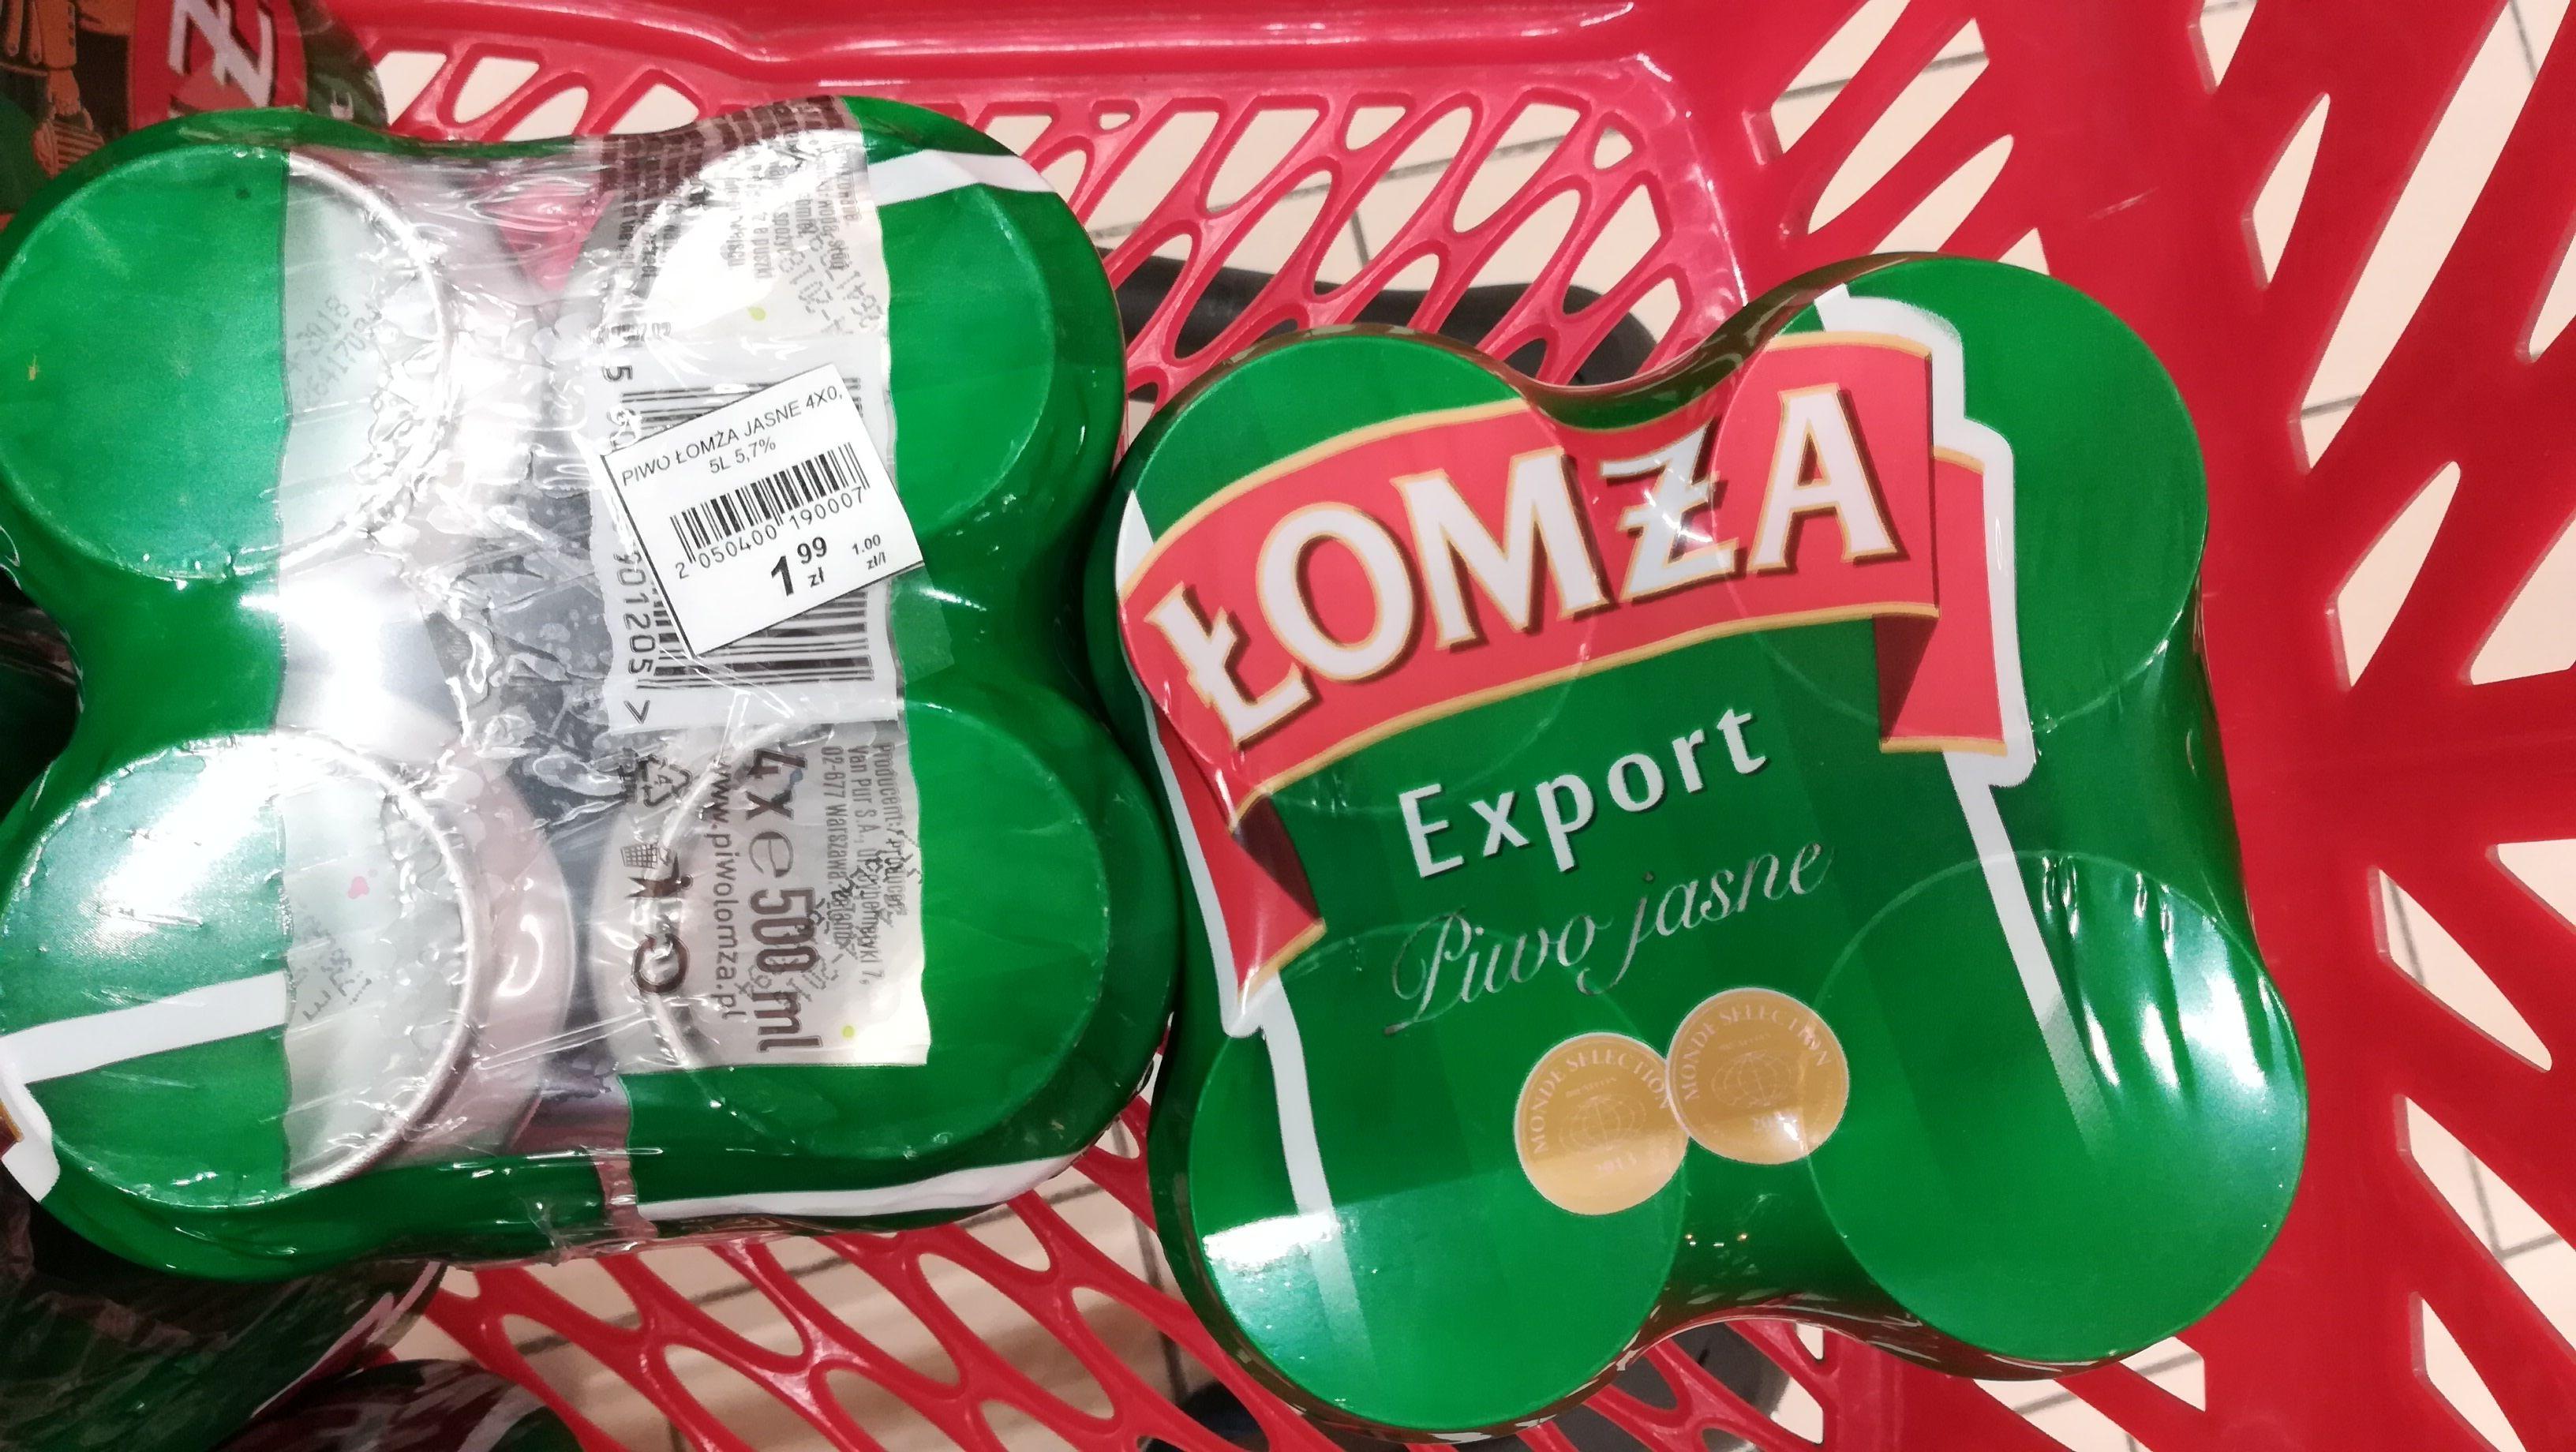 Łomża Export @ Carrefour (Lublin)